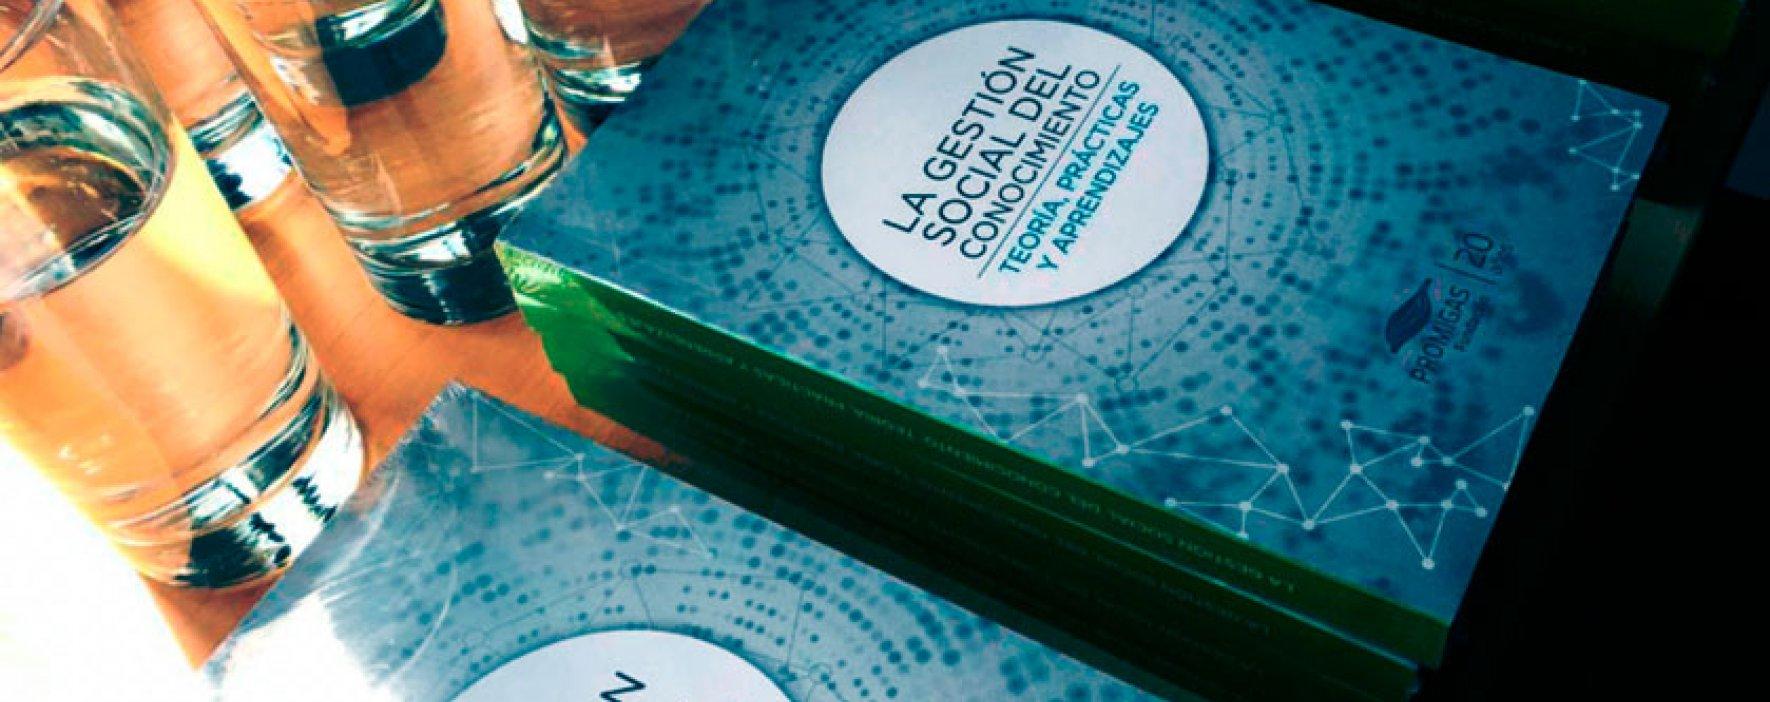 La Fundación Promigas promueve intercambio sobre gestión del conocimiento